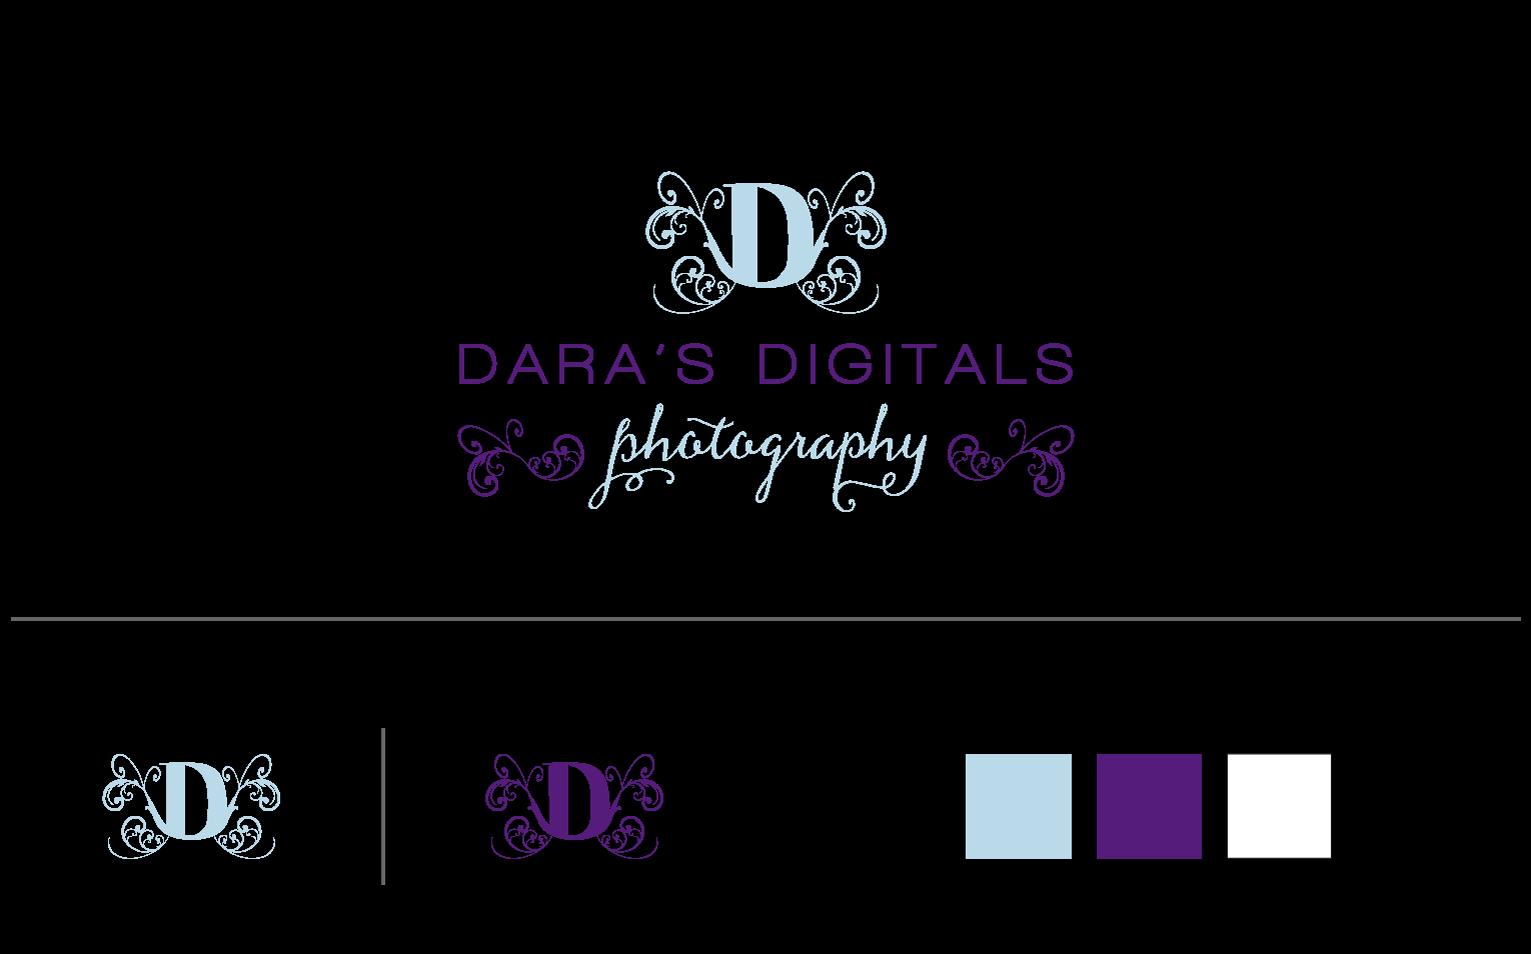 Dara's Digitals logo